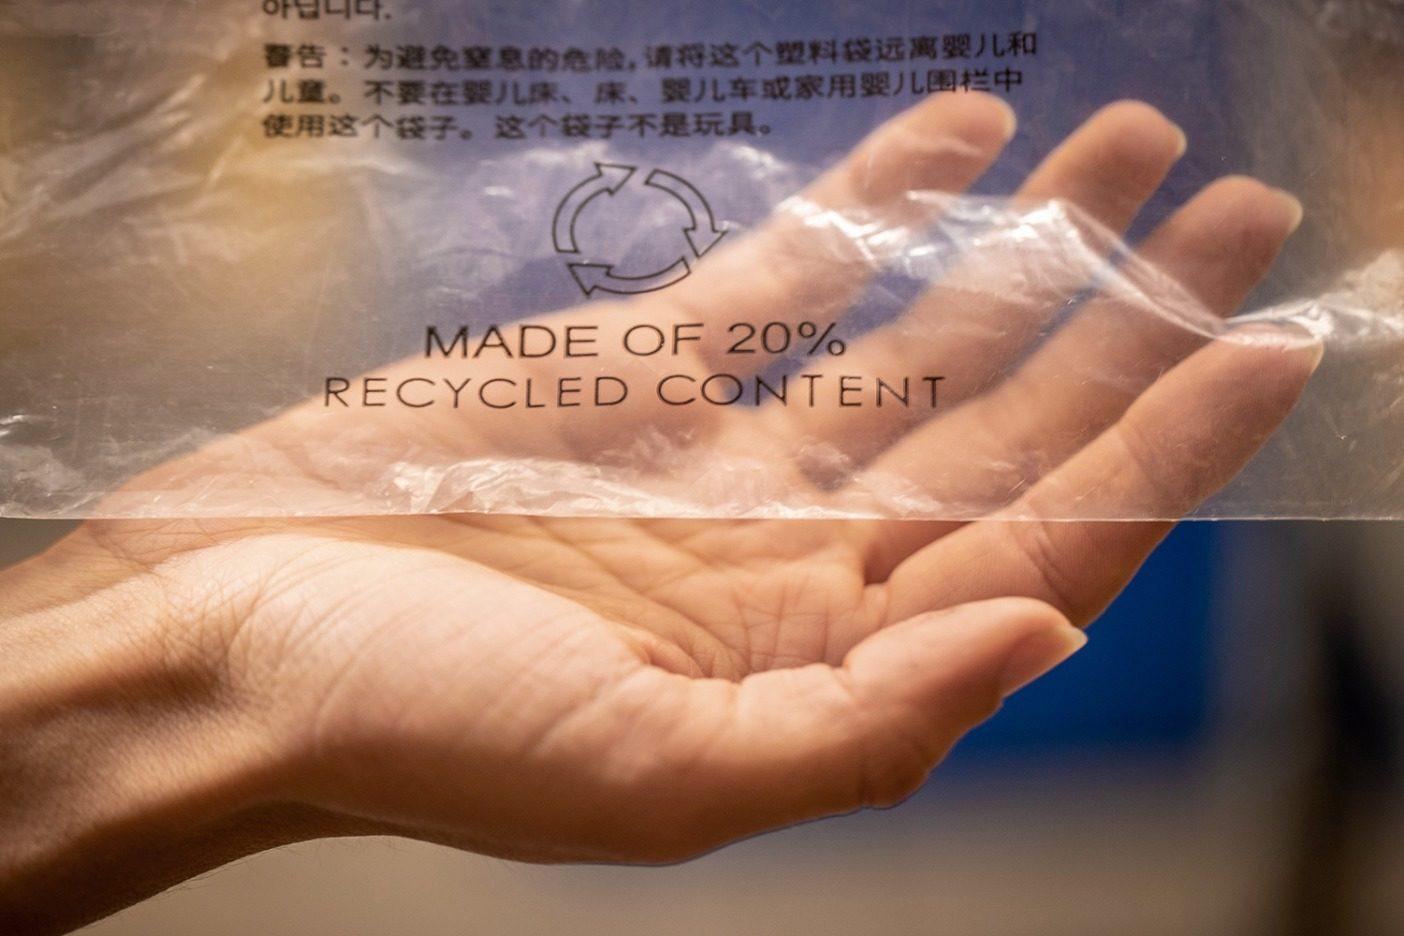 道路脇リサイクル・プログラムは、パタゴニア製品を梱包するのに使われたポリ袋はおそらくリサイクルできないが、それはほとんどのスーパーチェーンとパタゴニアの全ストアで可能。ポリ袋はプラスチックのフィルム製で、パタゴニアの袋は20%のリサイクル素材を含む。来春、パタゴニアのポリ袋のすべてが100%リサイクル素材製となる。Photo: Tim Davis